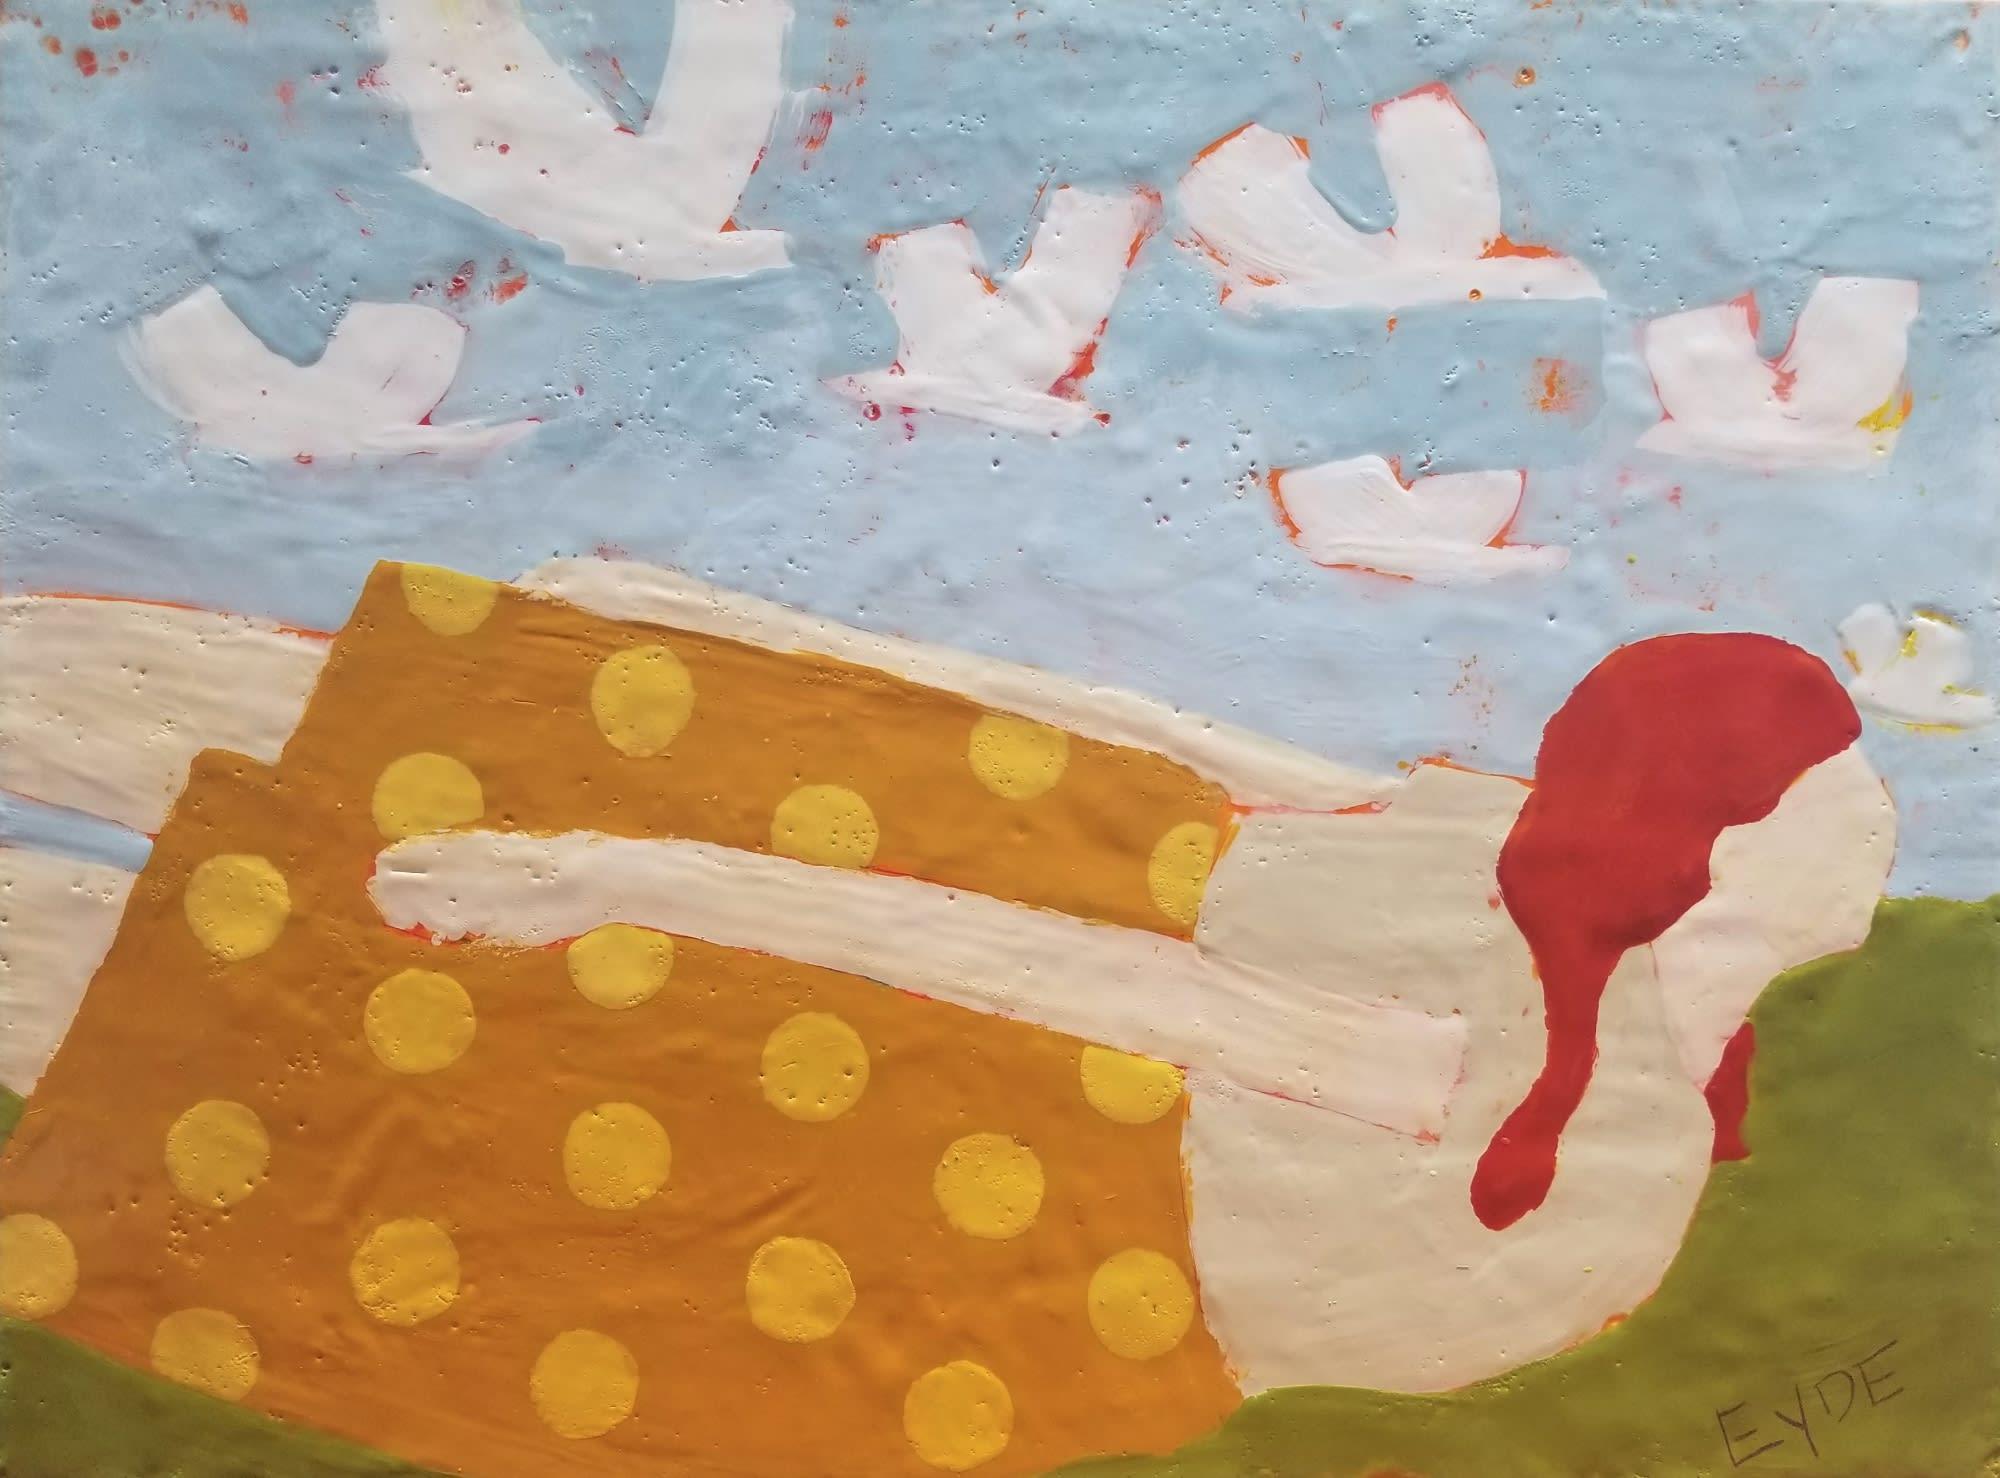 'Flying Girl' by Deborah Eyde at Gallery 133